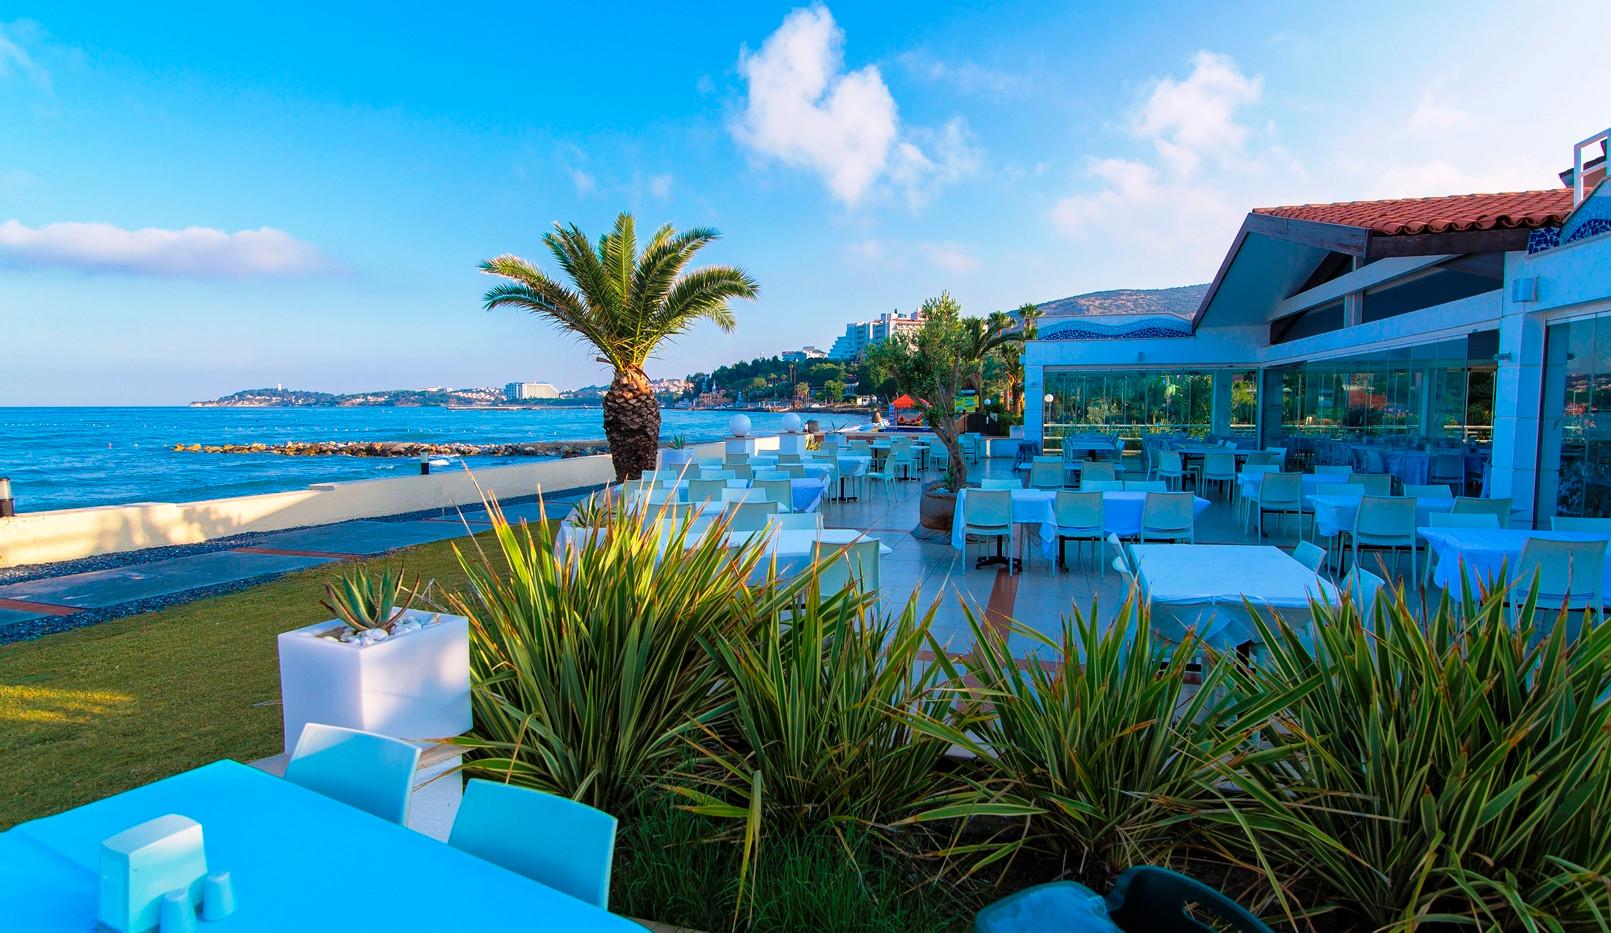 doris_Ephesia_Holiday_Beach6.jpg